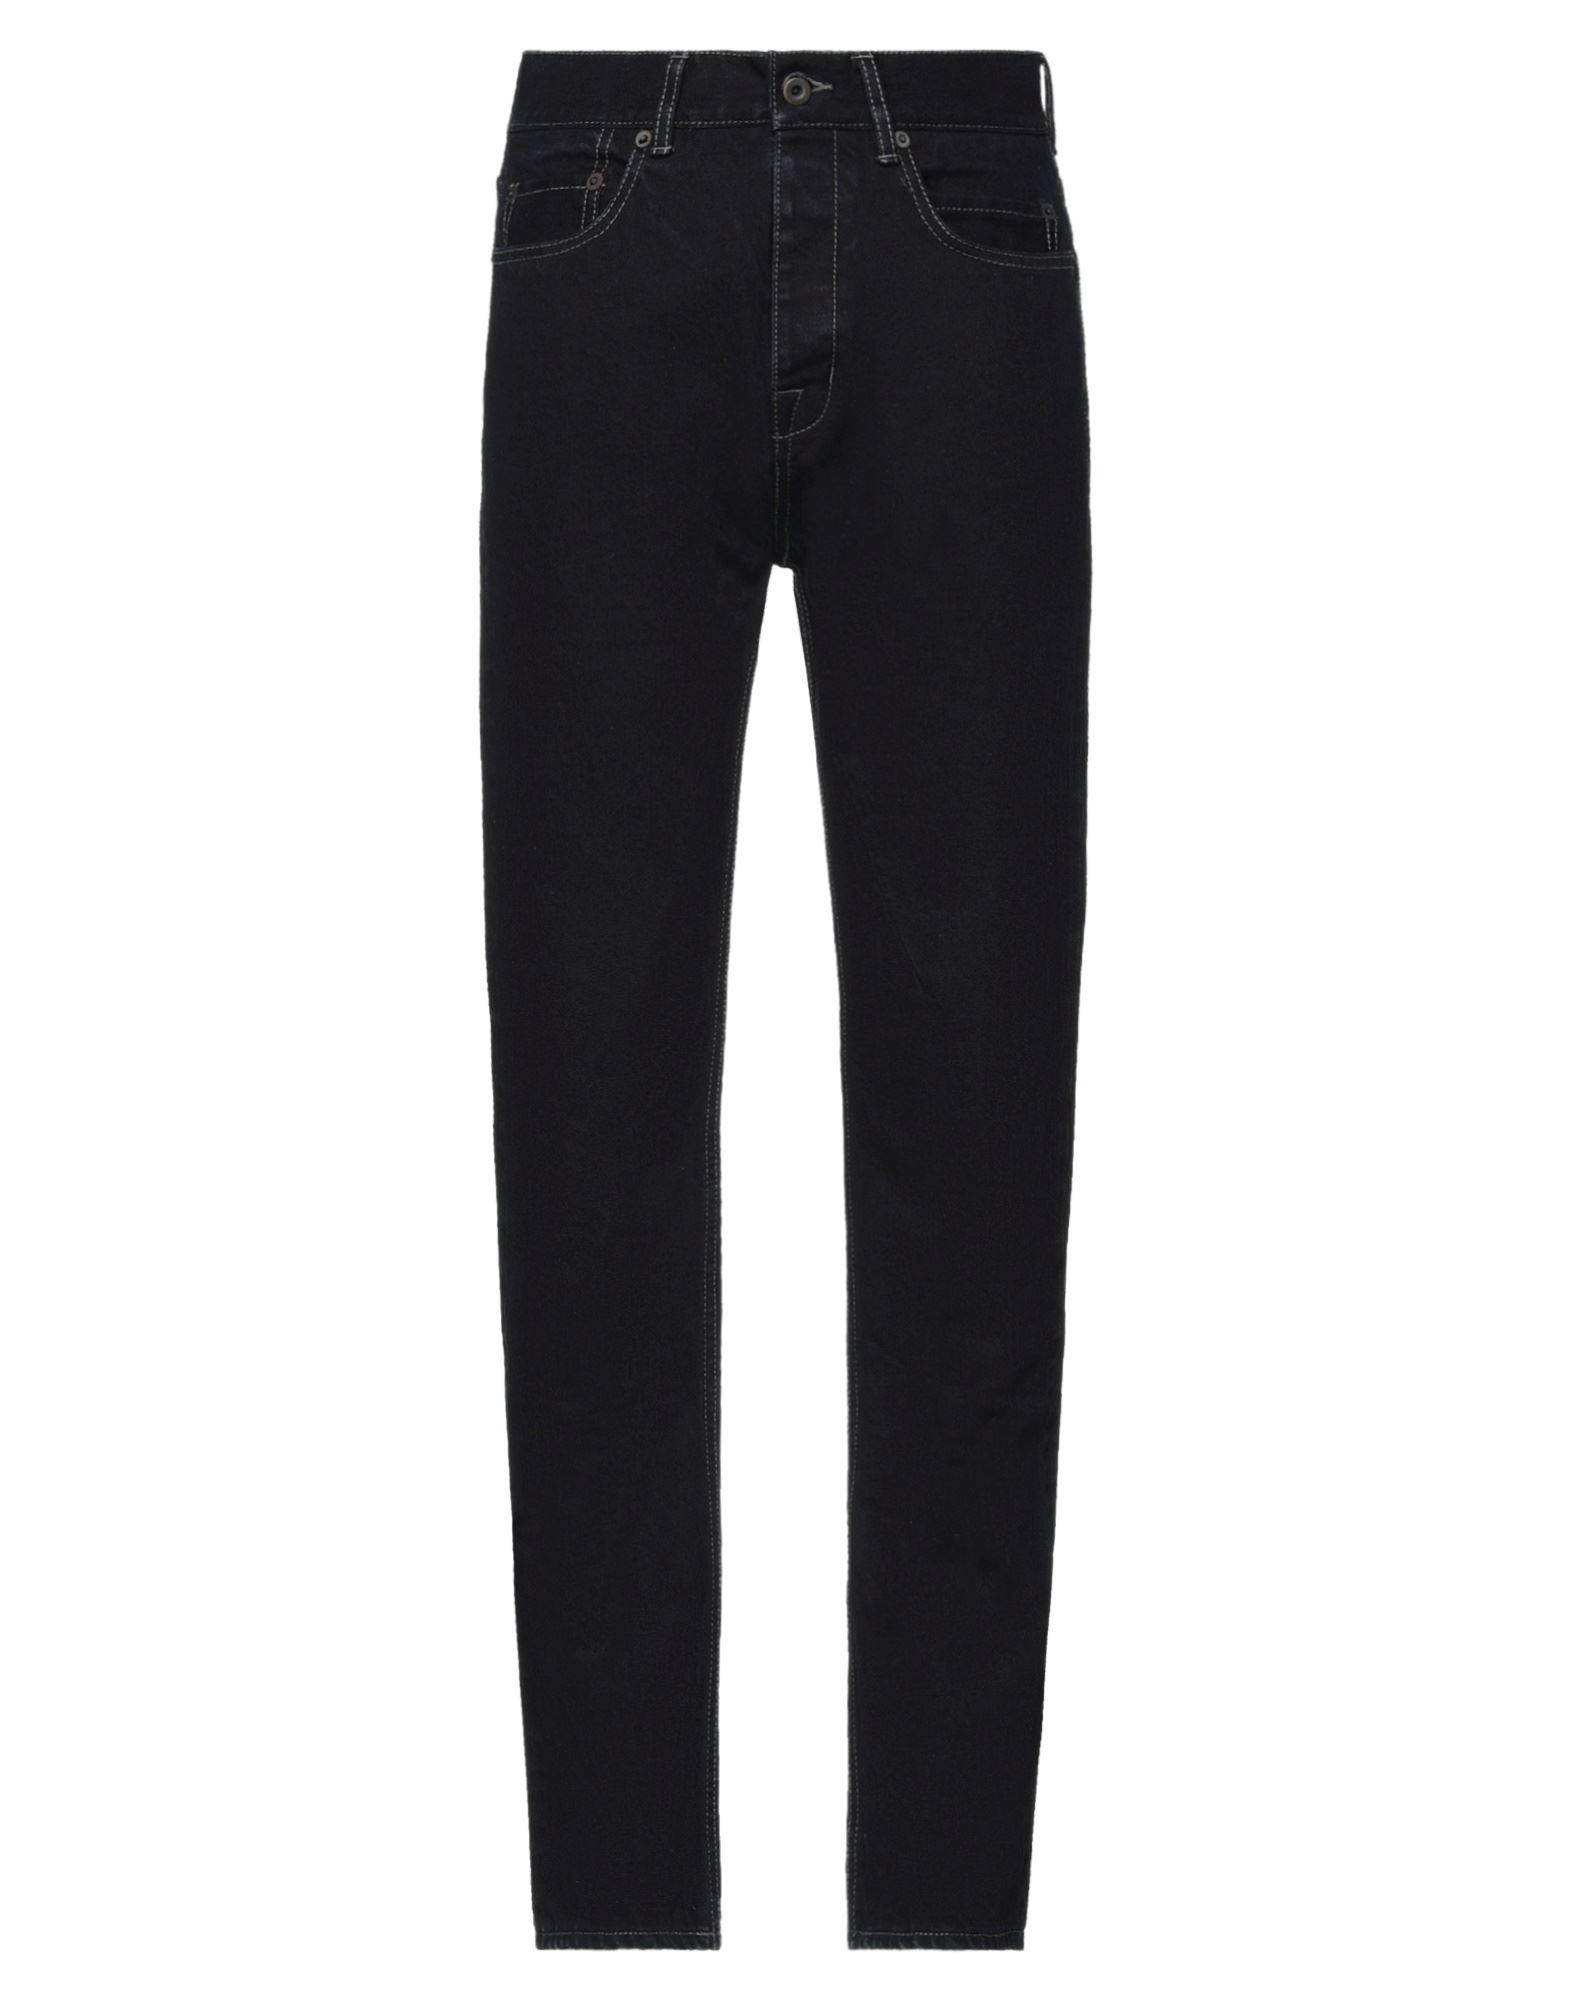 DRKSHDW by RICK OWENS Джинсовые брюки drkshdw by rick owens джинсовые брюки капри